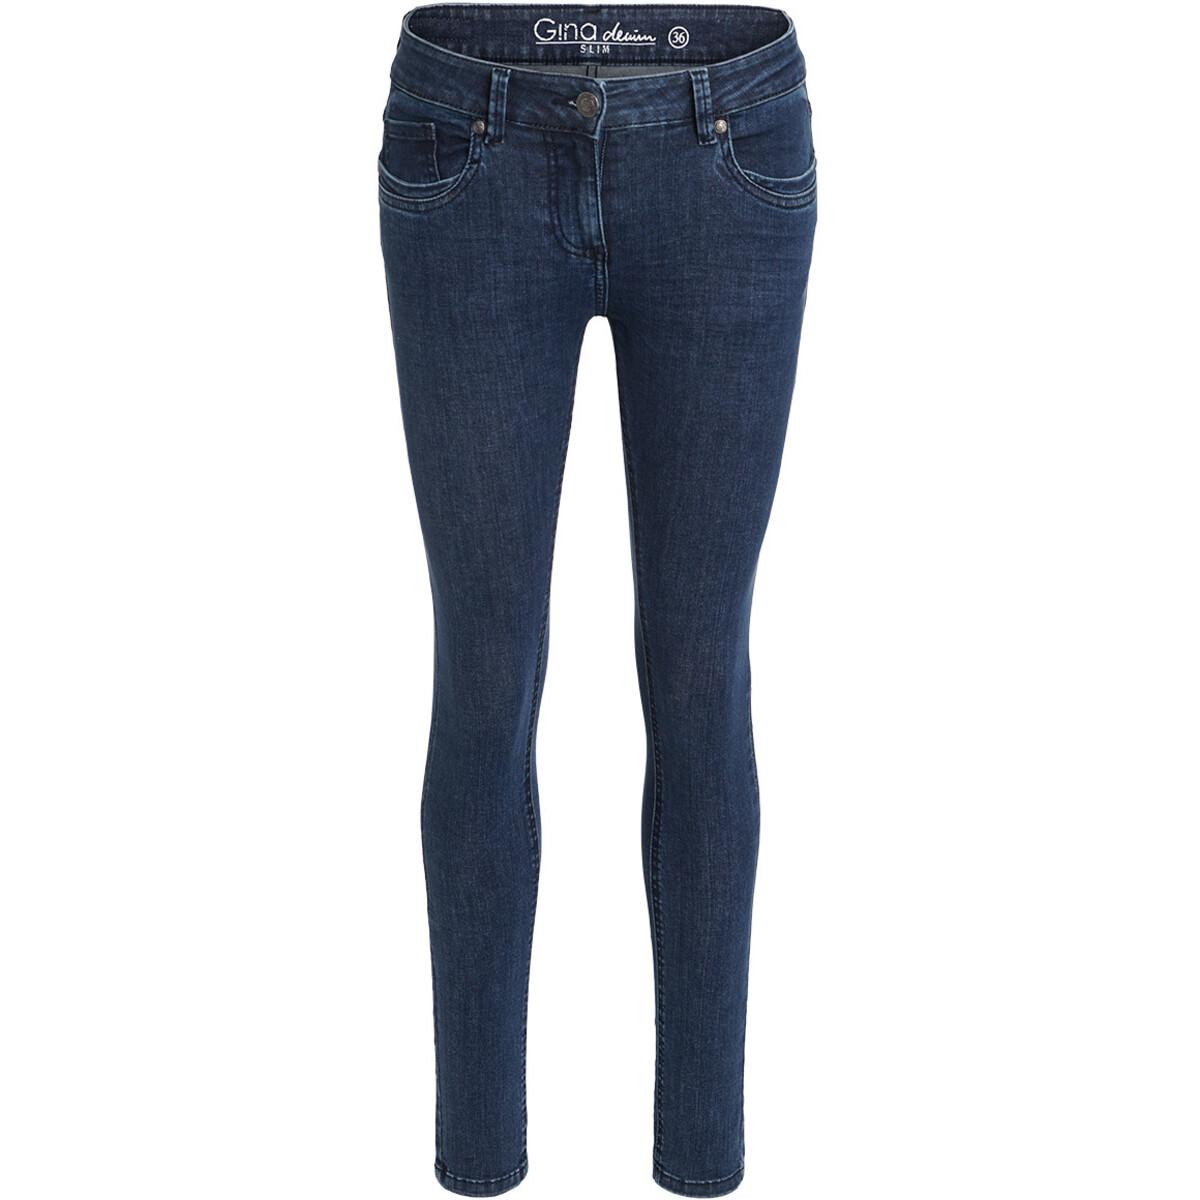 Bild 1 von Damen Superflexible-Jeans mit Used-Waschung